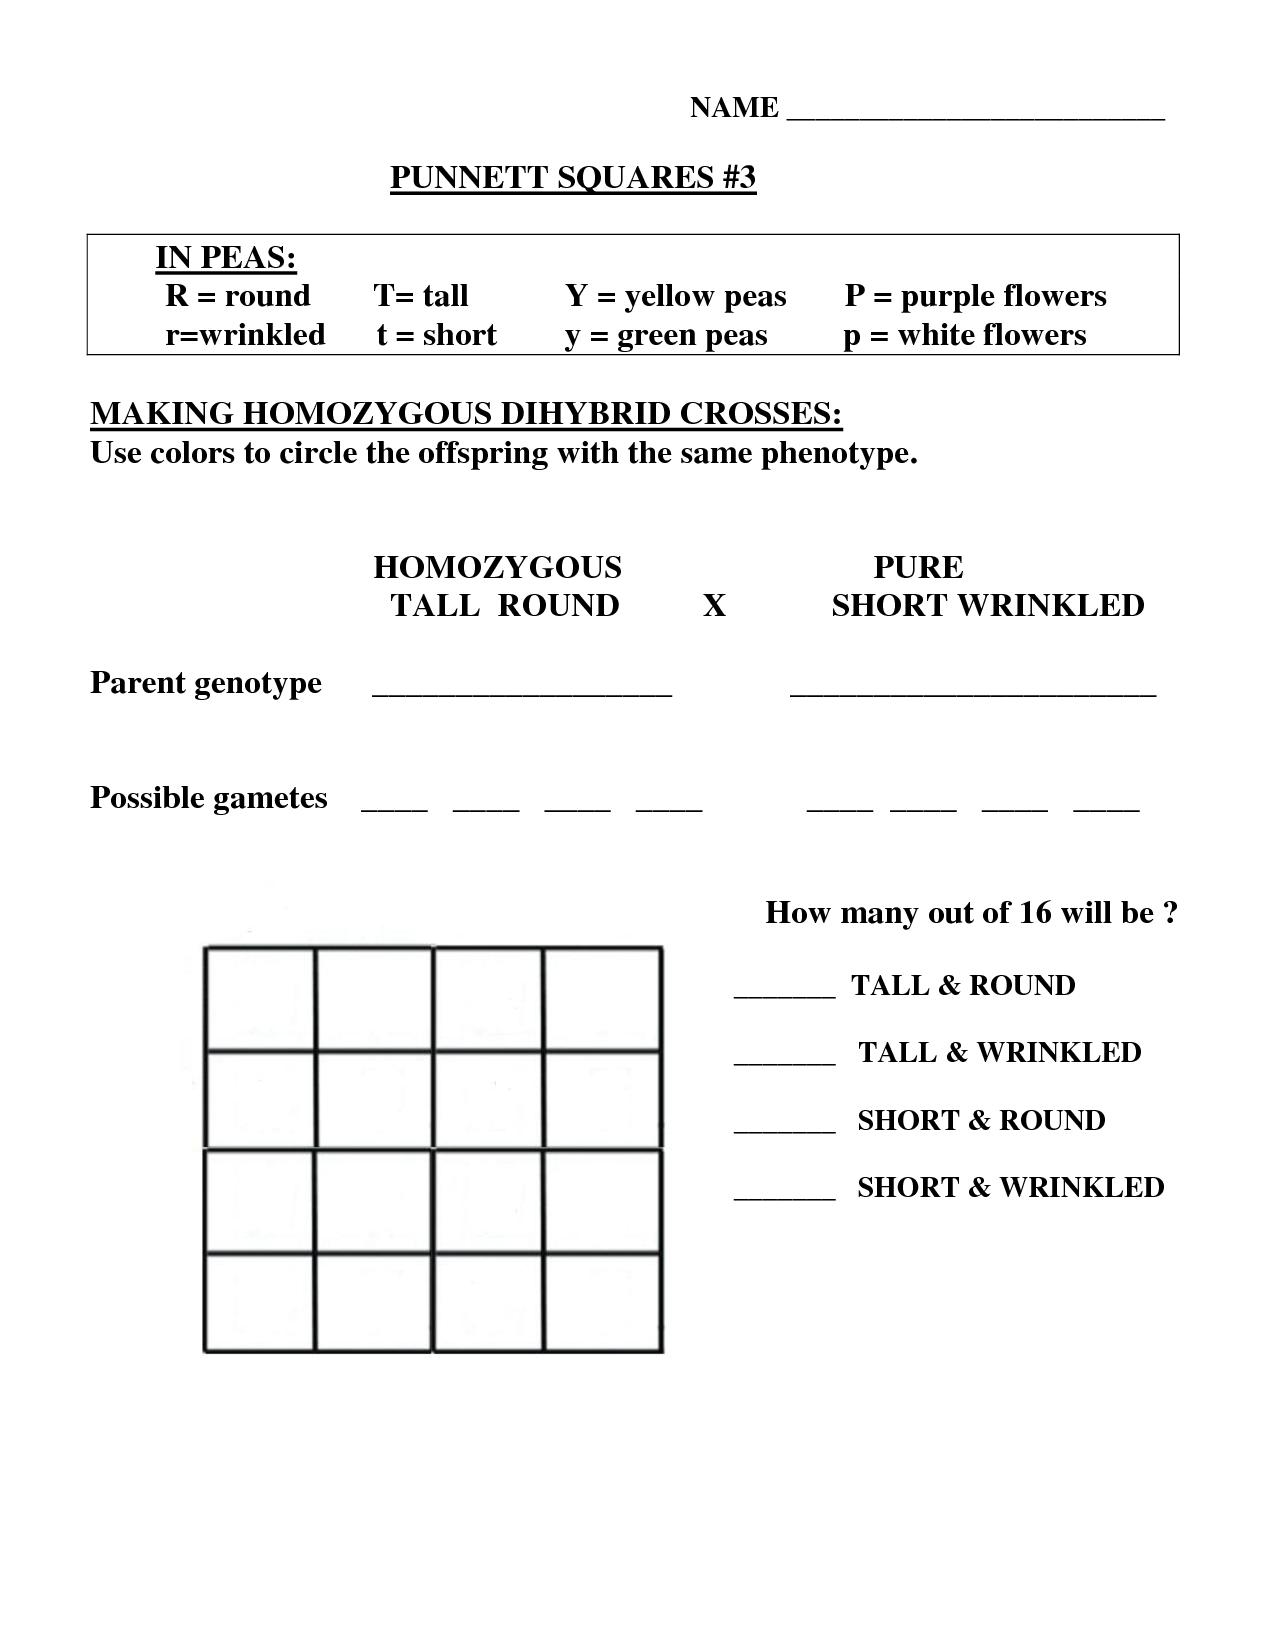 Dihybrid Cross Worksheet Answer Key In